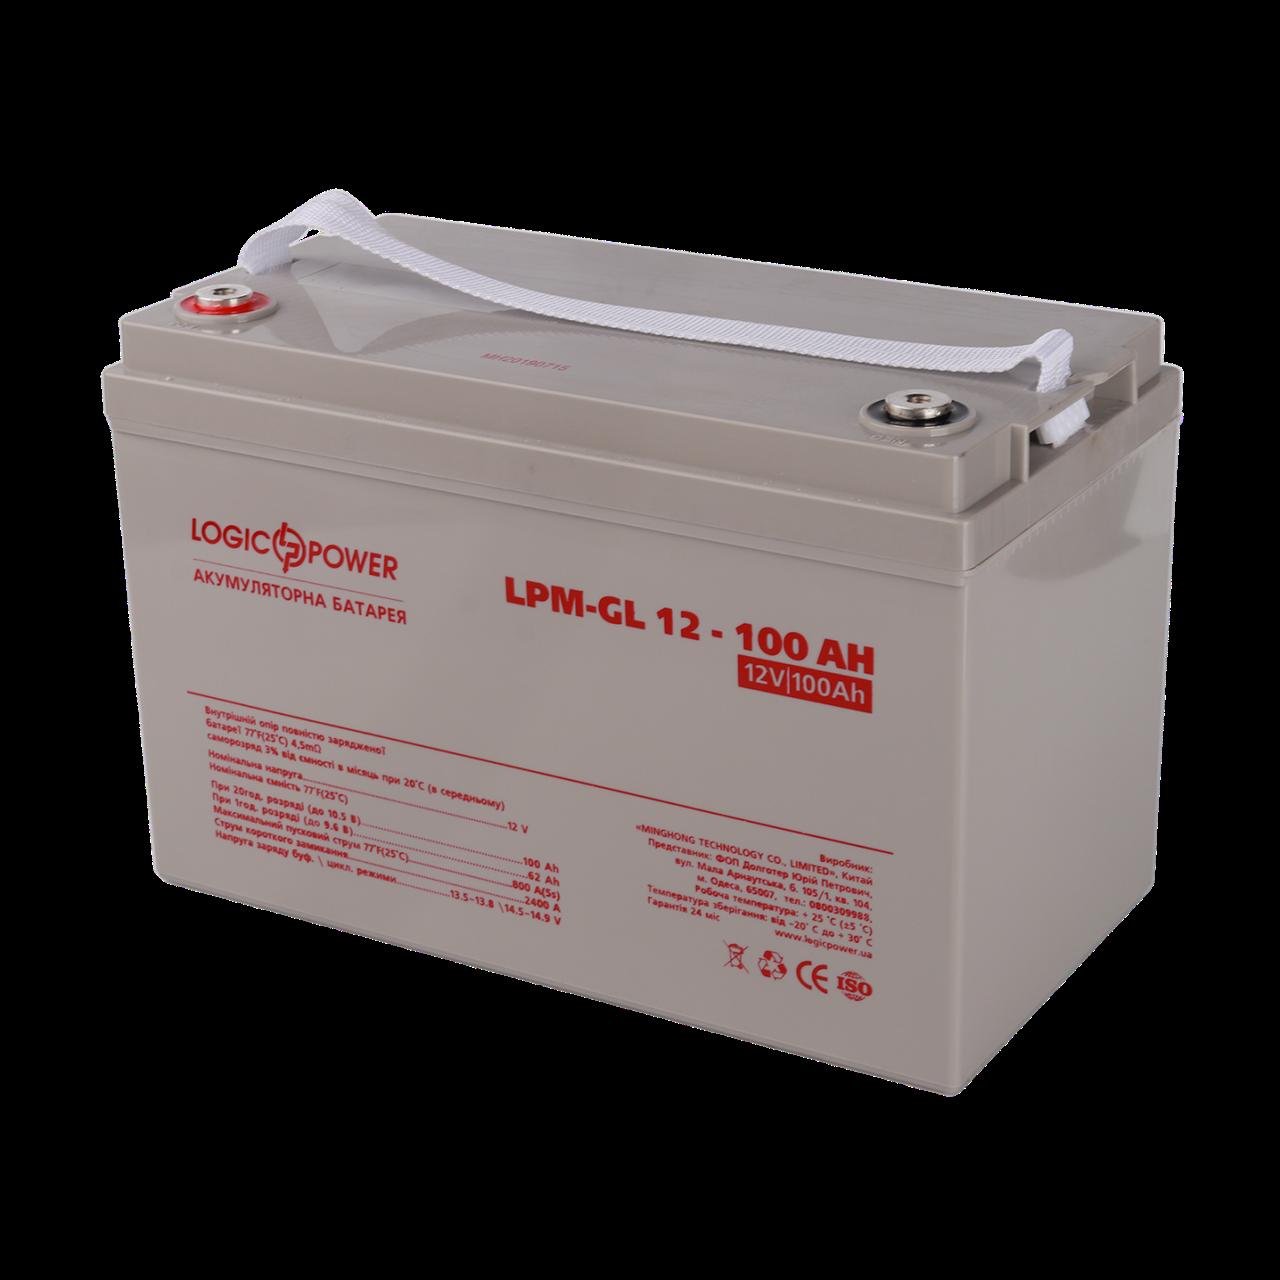 УЦ Аккумулятор гелевый LogicPower LPM-GL 12 - 100 AH